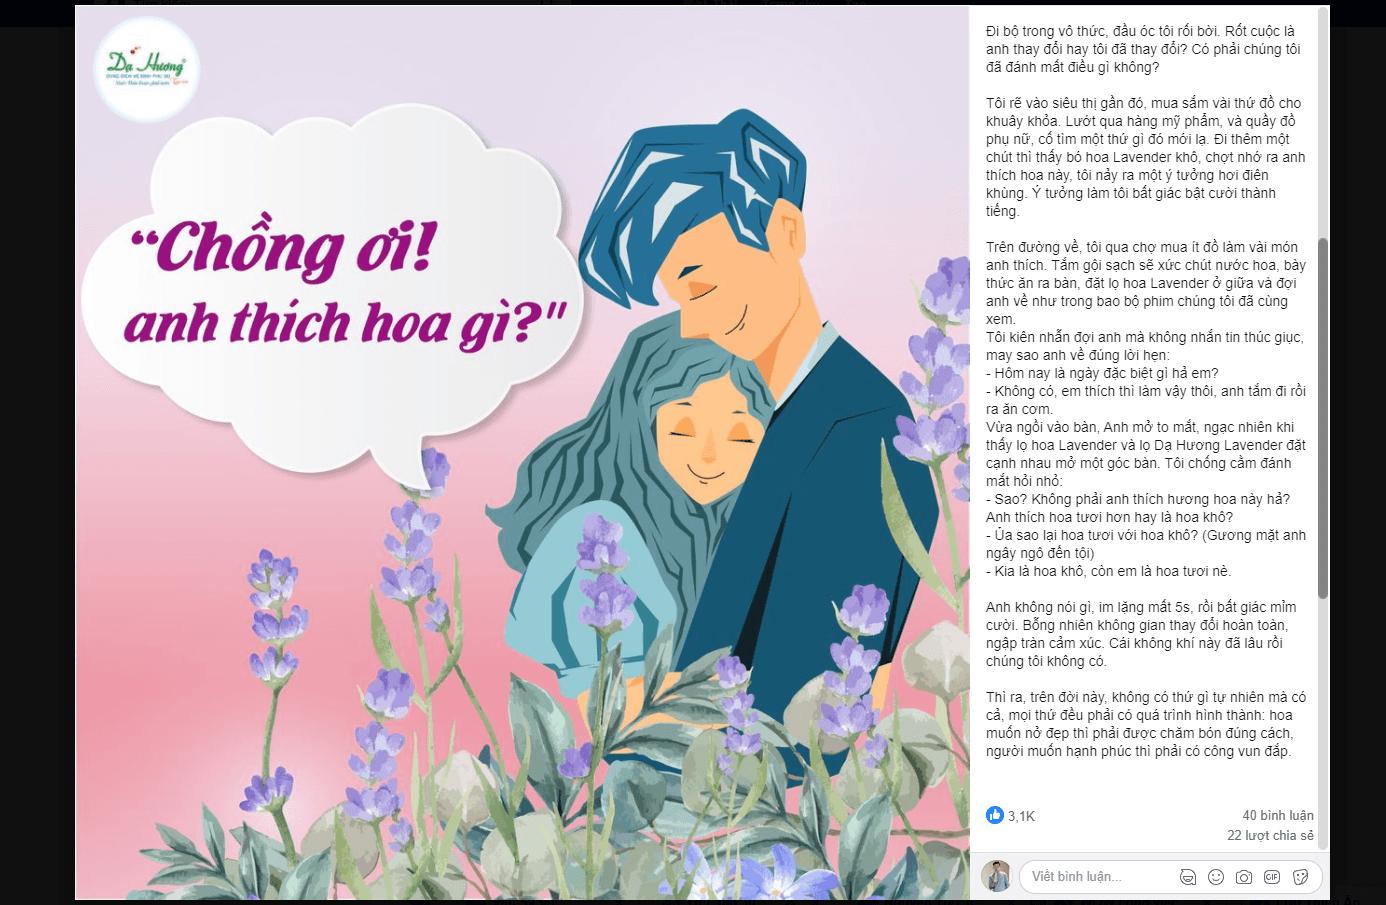 Khóa học viết quảng cáo - nghệ thuật của tư duy và ngôn từ (Phùng Thái Học) 2